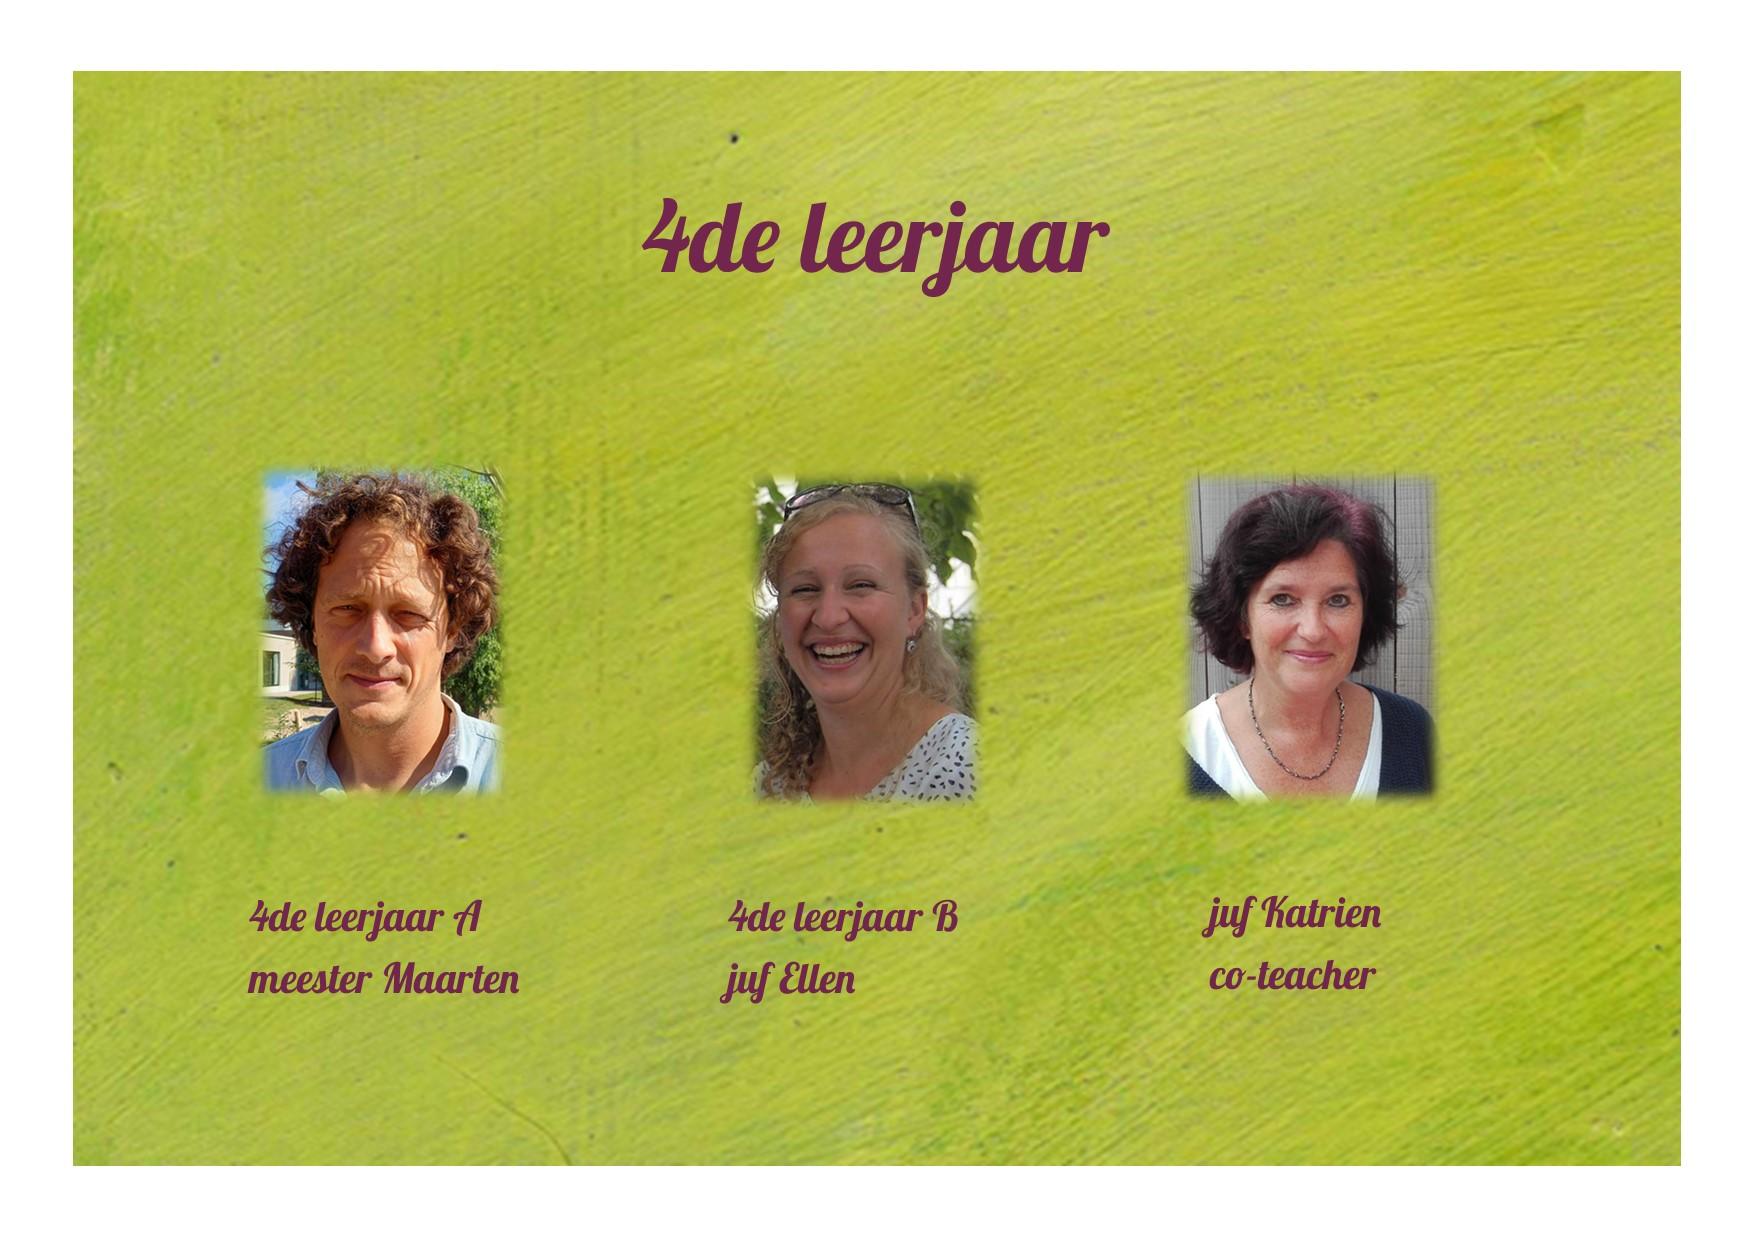 <p>4de leerjaar: juf Ellen, meester Maarten en juf Katrien</p>